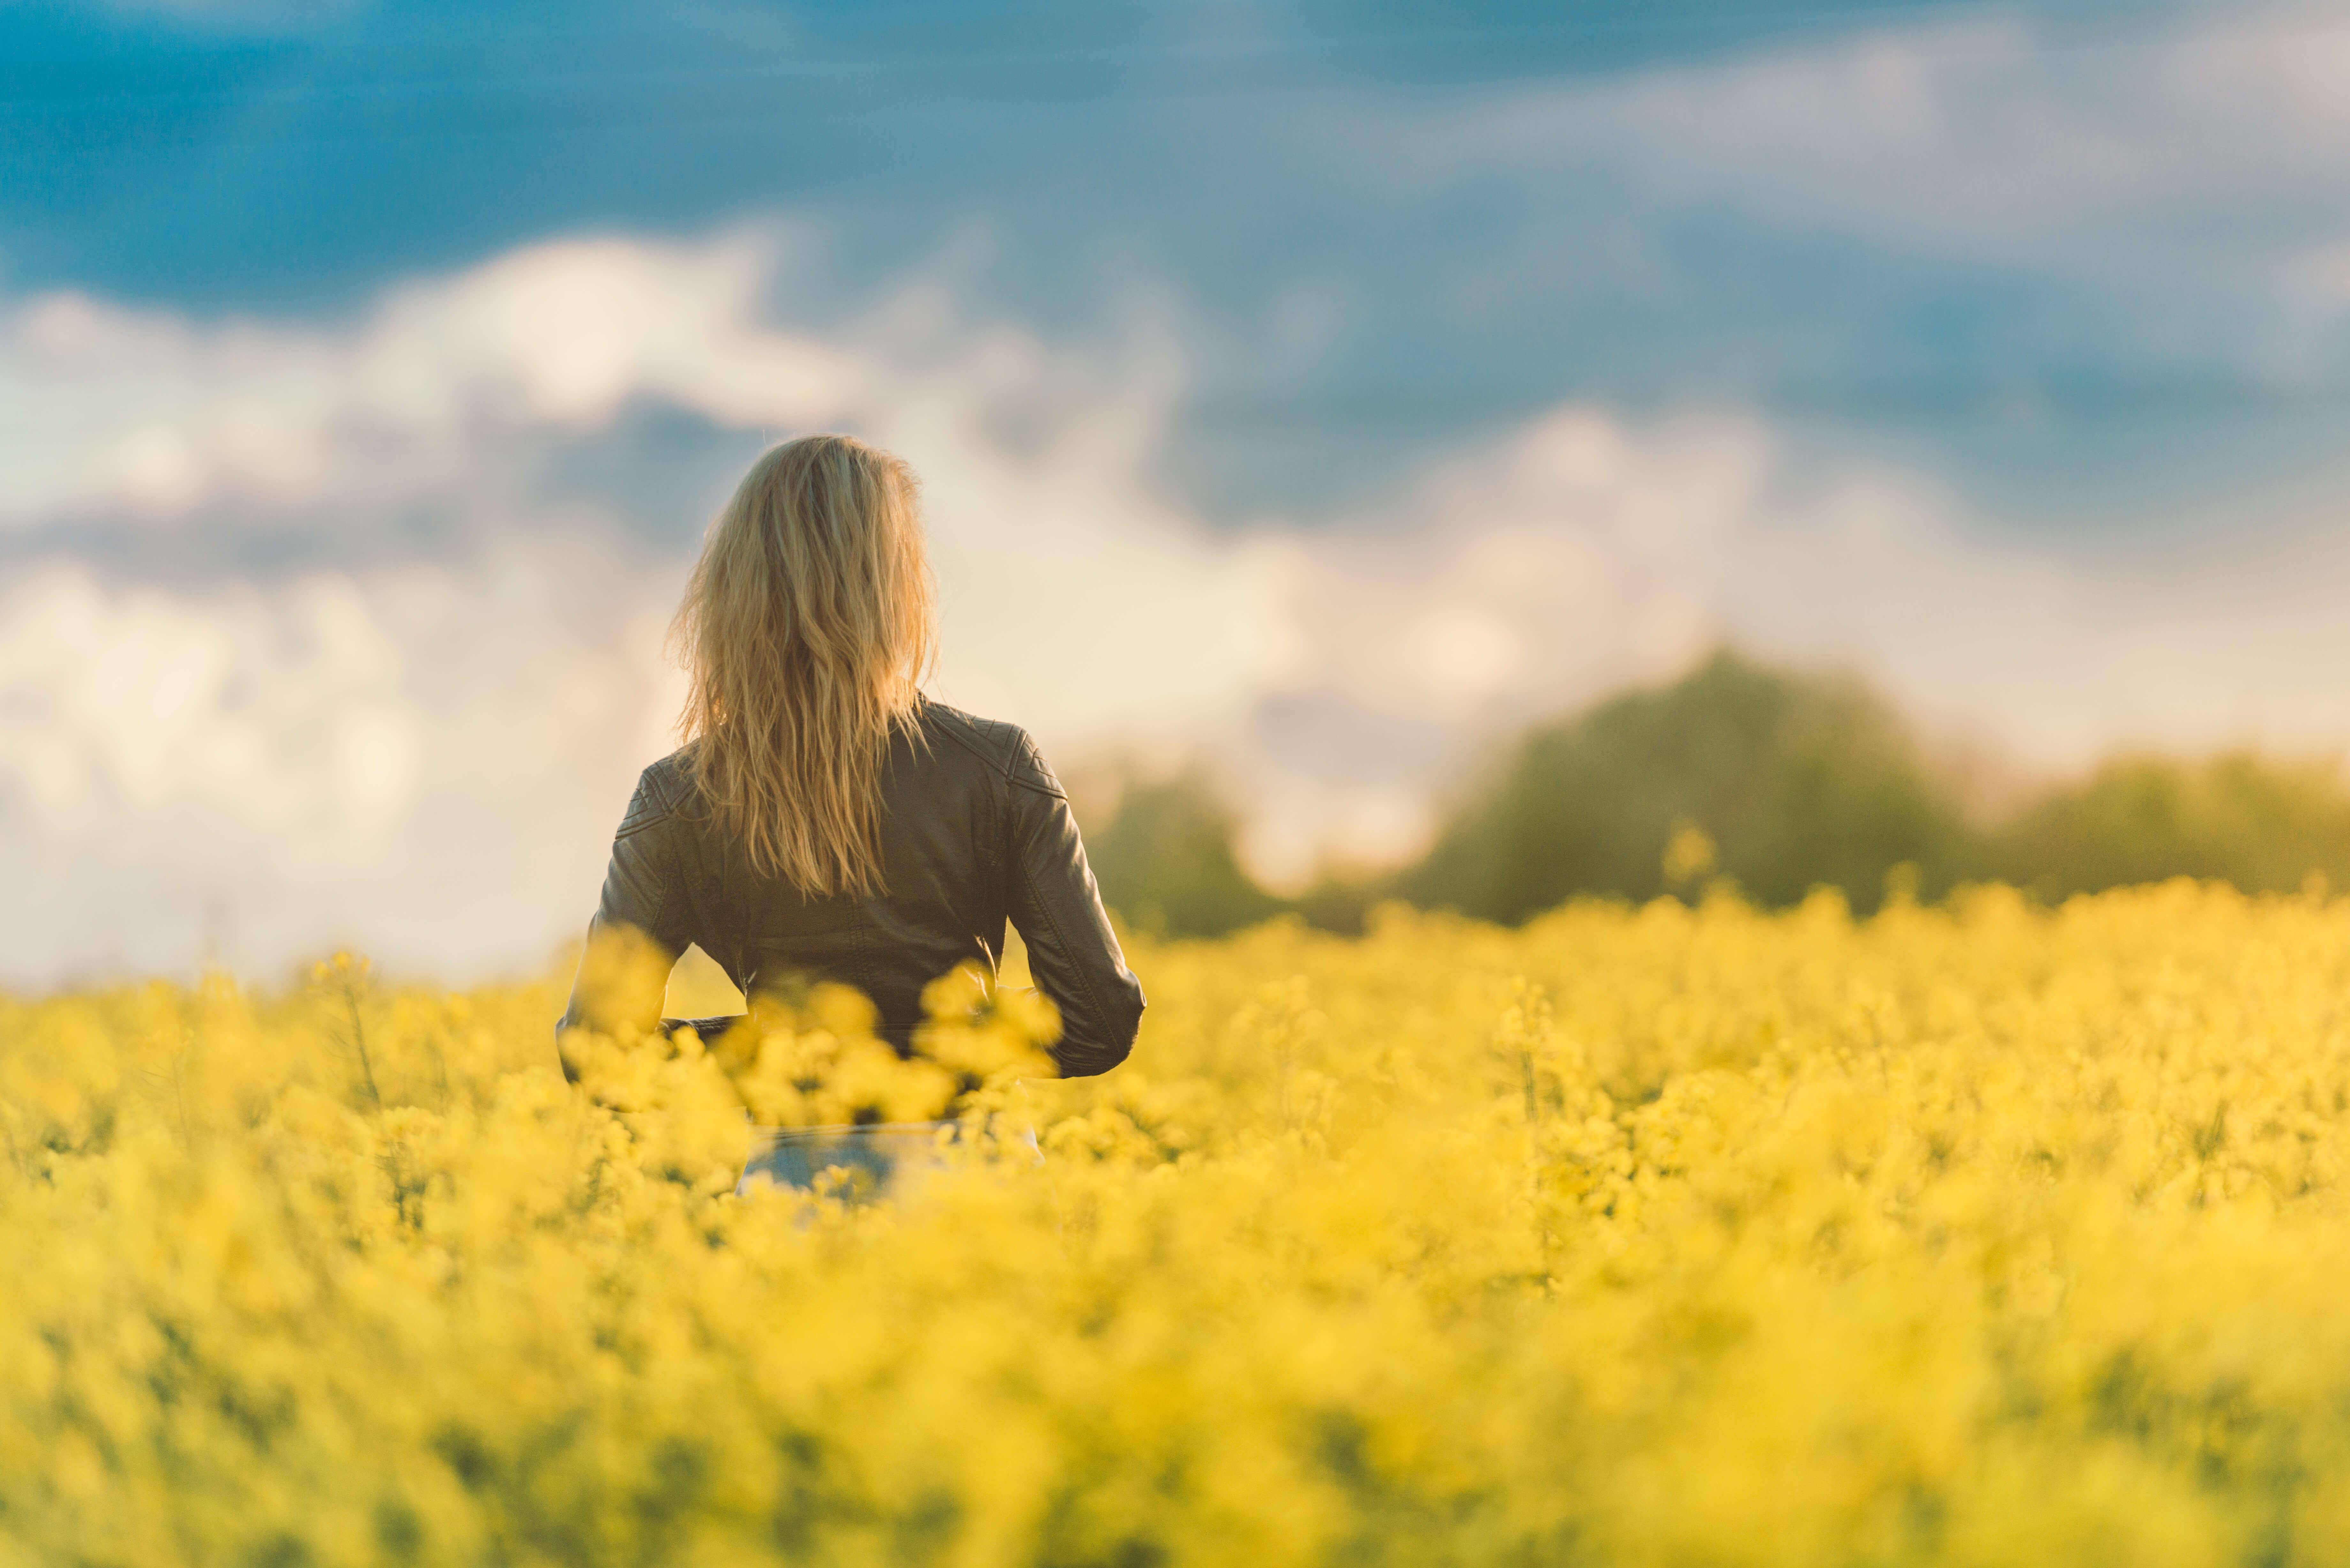 woman-in-field